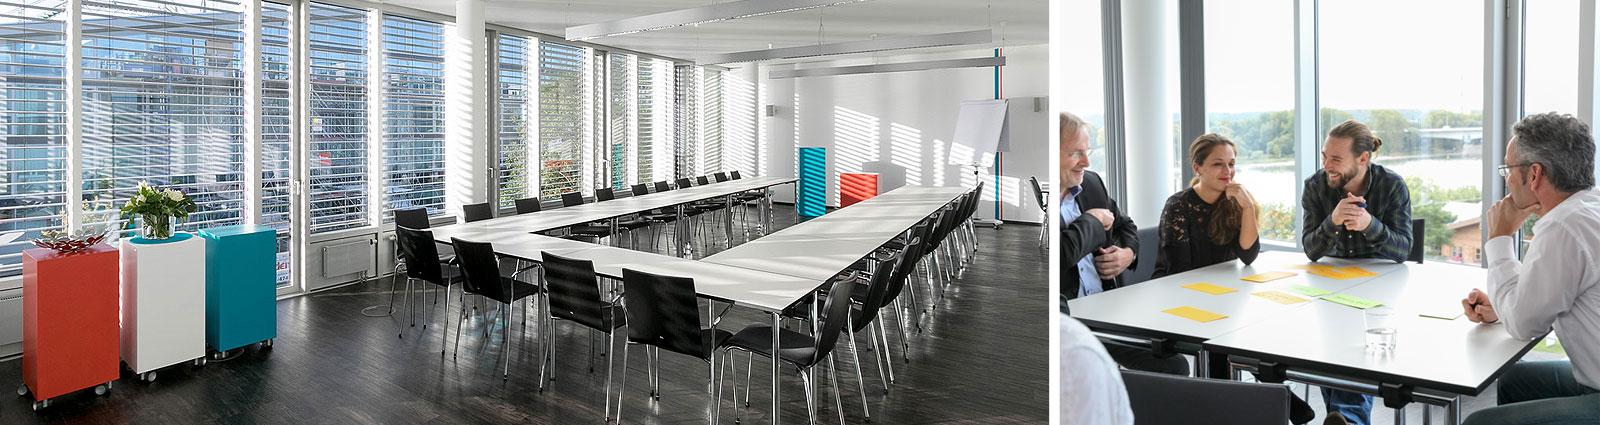 Großer Seminarraum Bonn - rheinwerk6